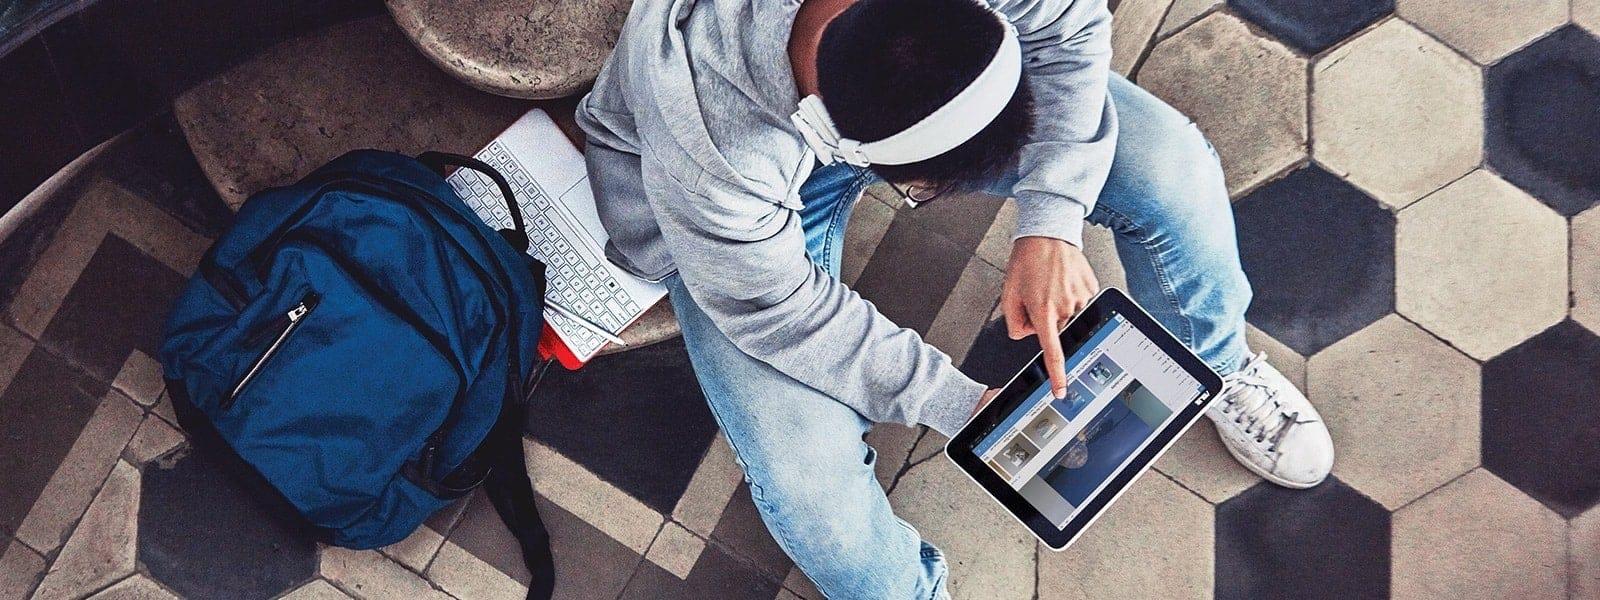 Estudantes a olhar para um dispositivo Windows 10